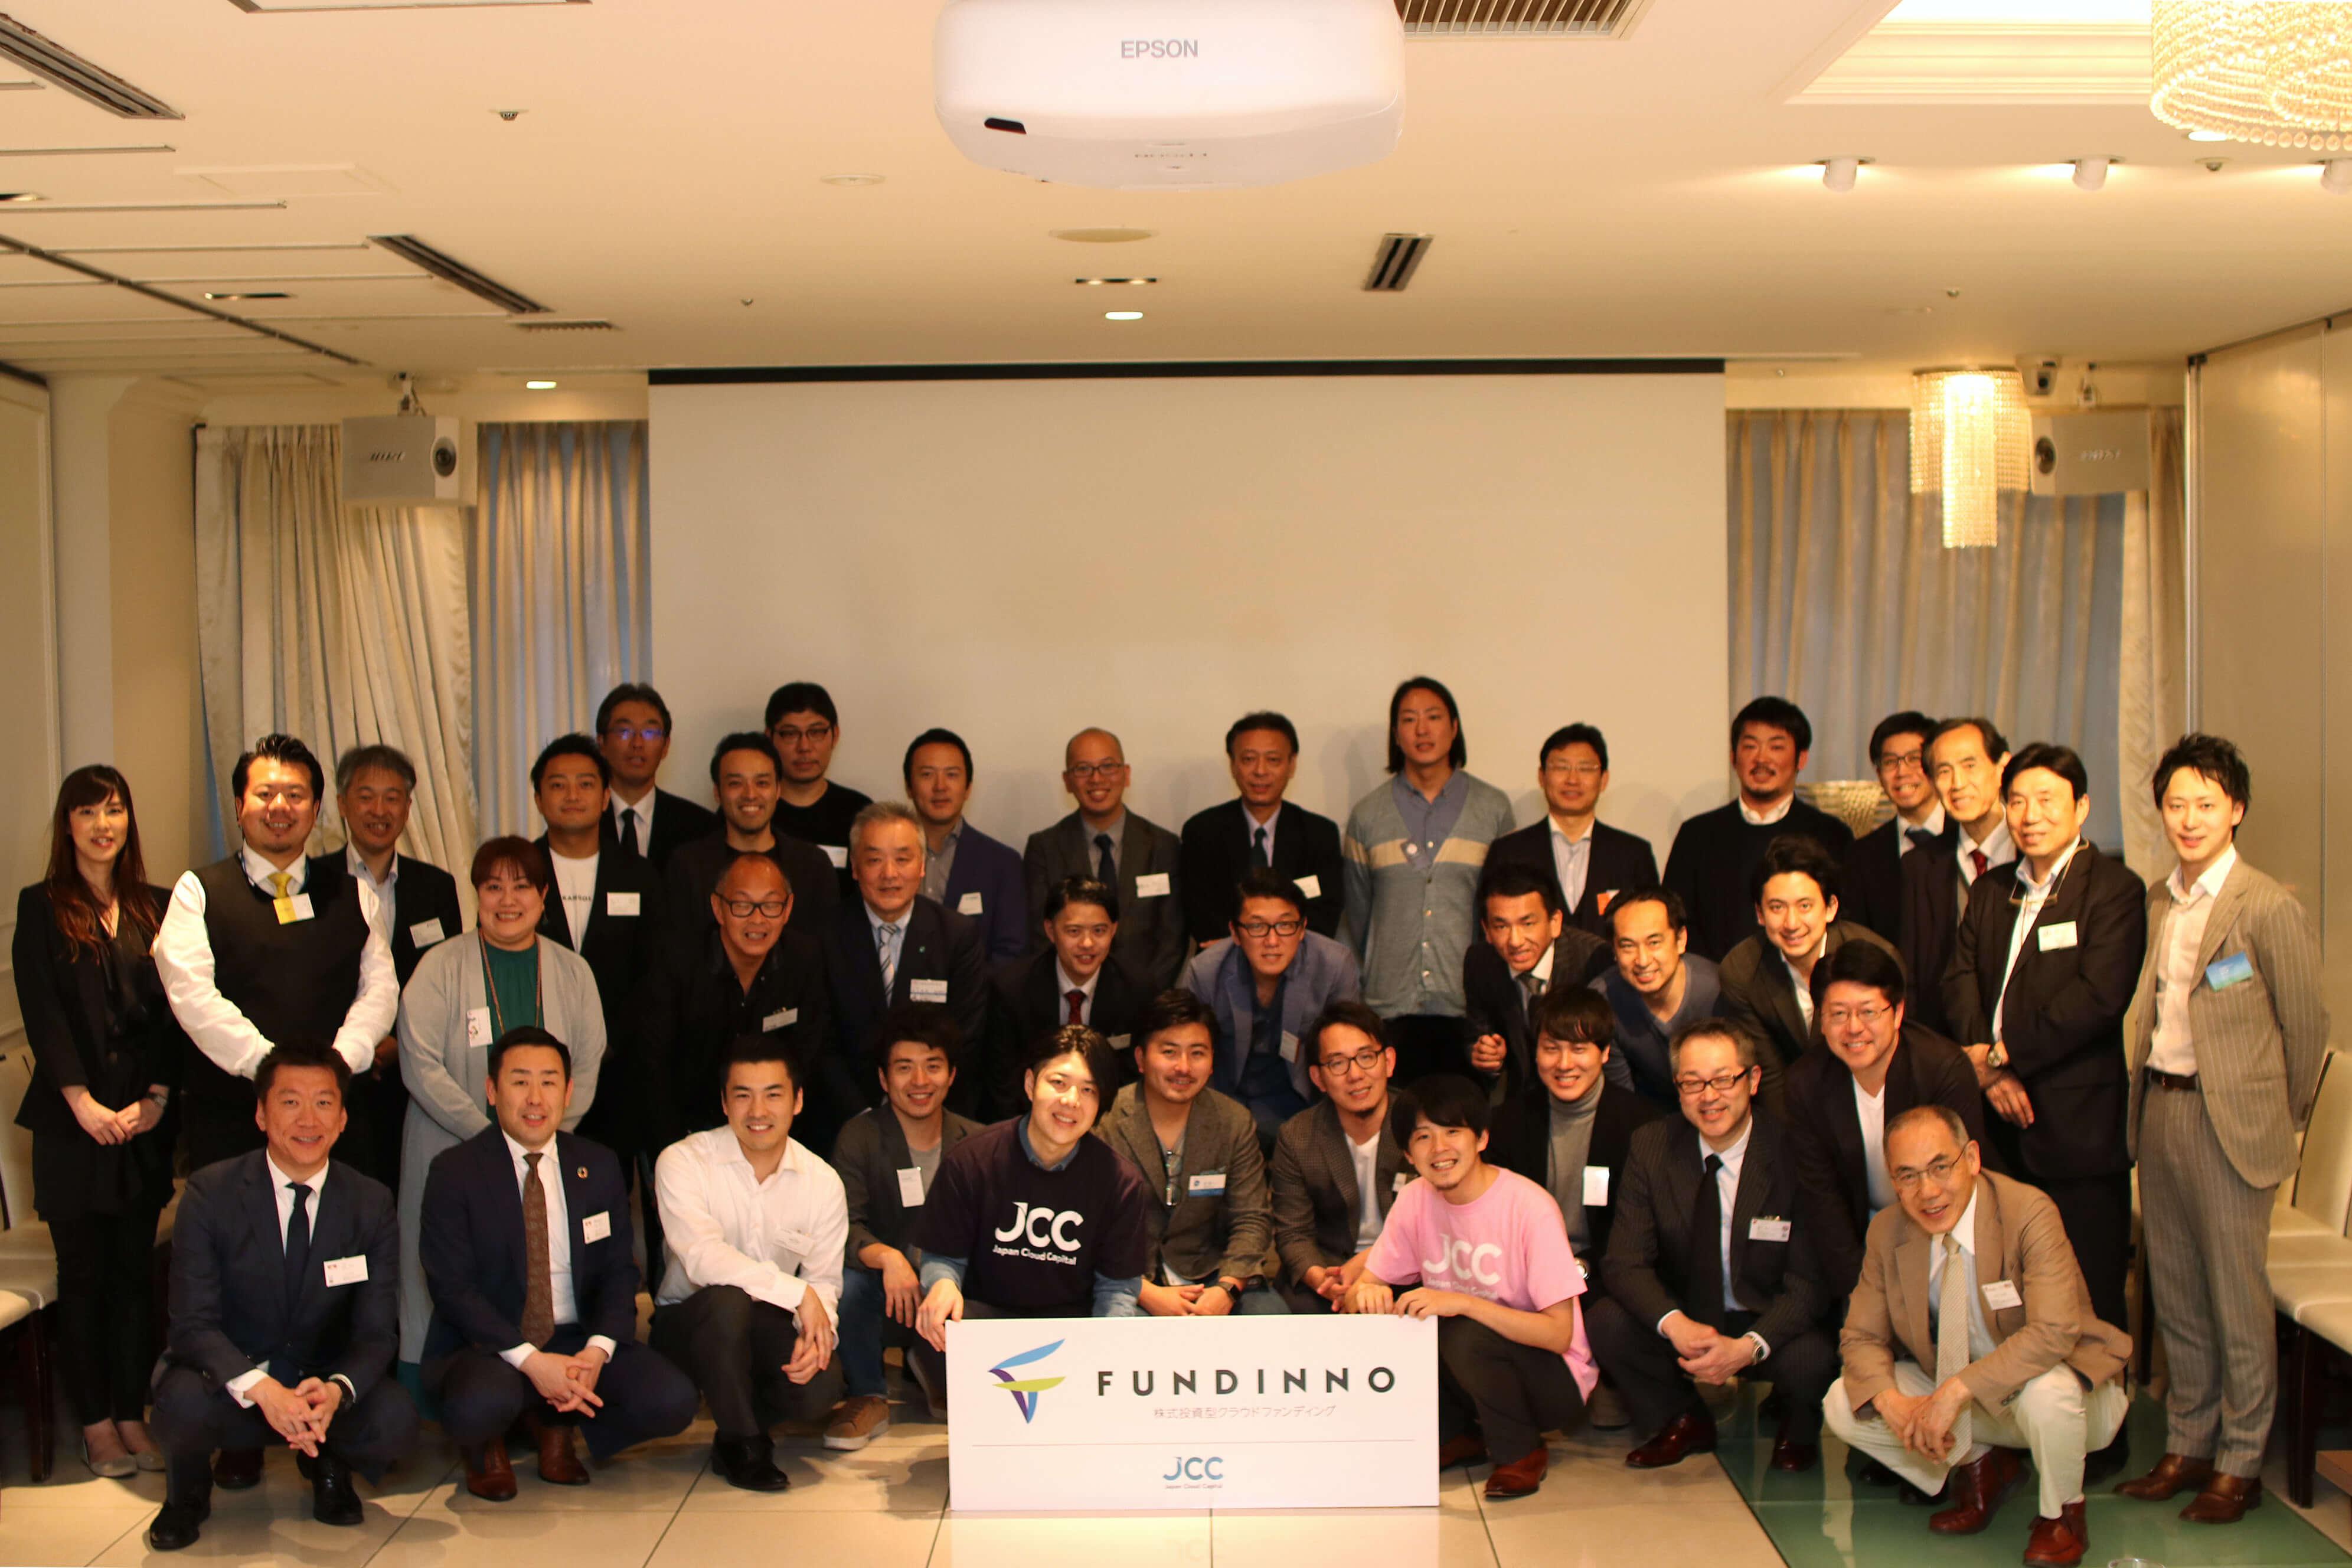 FUNDINNOカンファレンス FUNDINNO1号案件掲載より「2周年記念会」開催